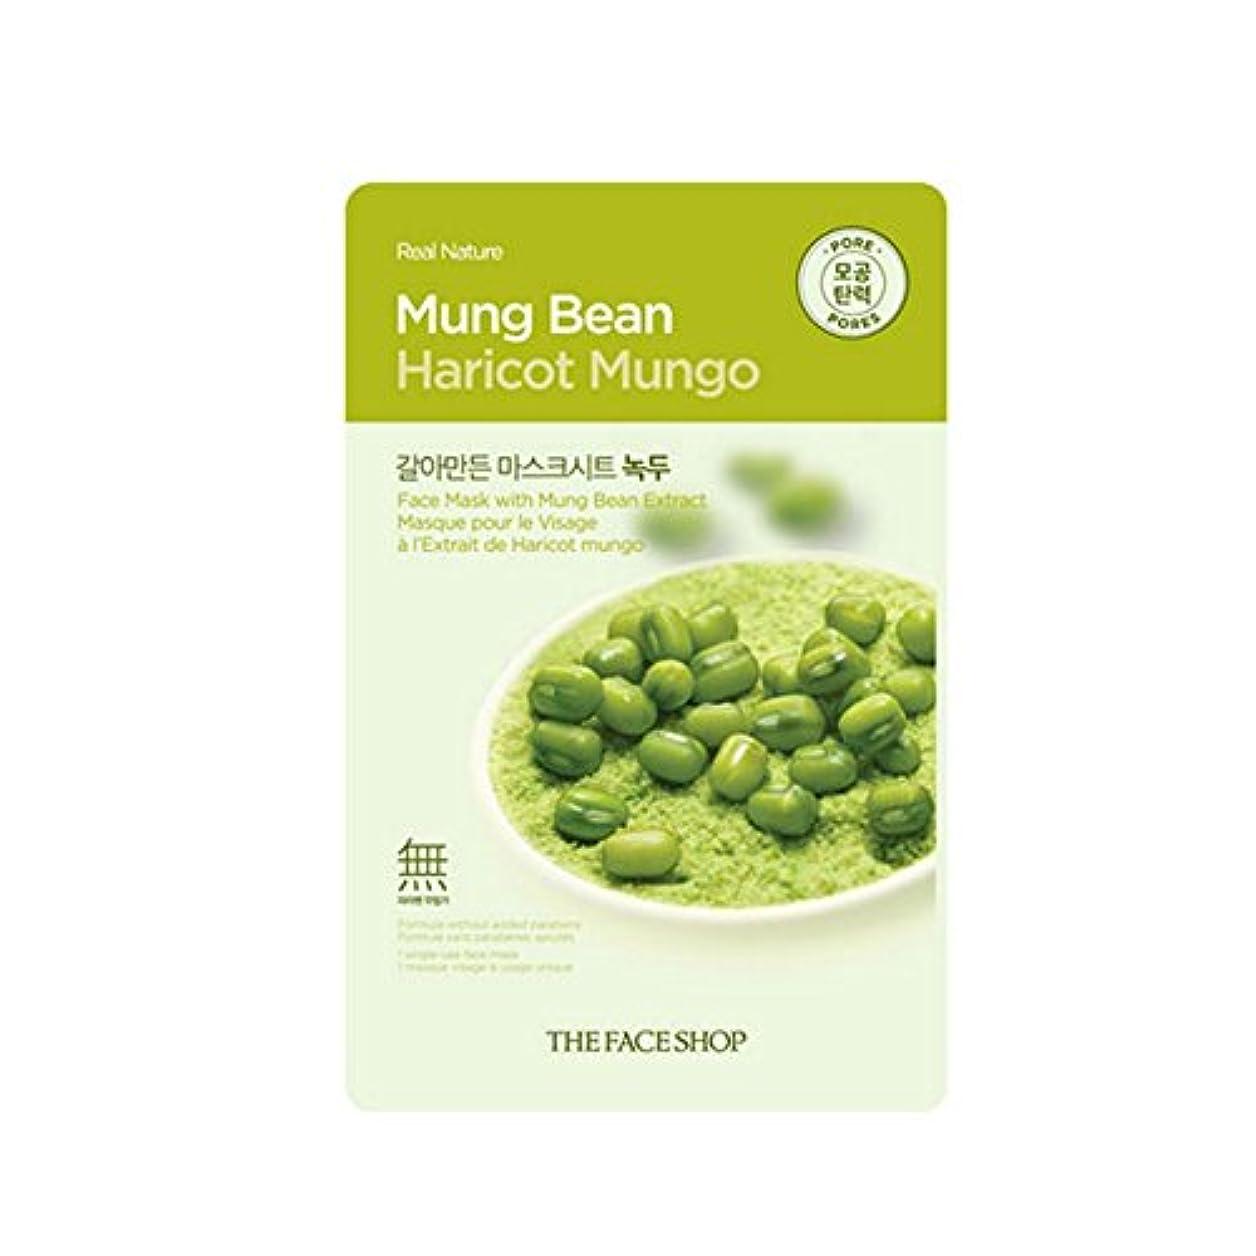 香水クリア促す[The Face Shop] ザフェイスショップ リアルネイチャーマスクシート Real Nature Mask Sheet (Mung Bean (緑豆) 10個) [並行輸入品]